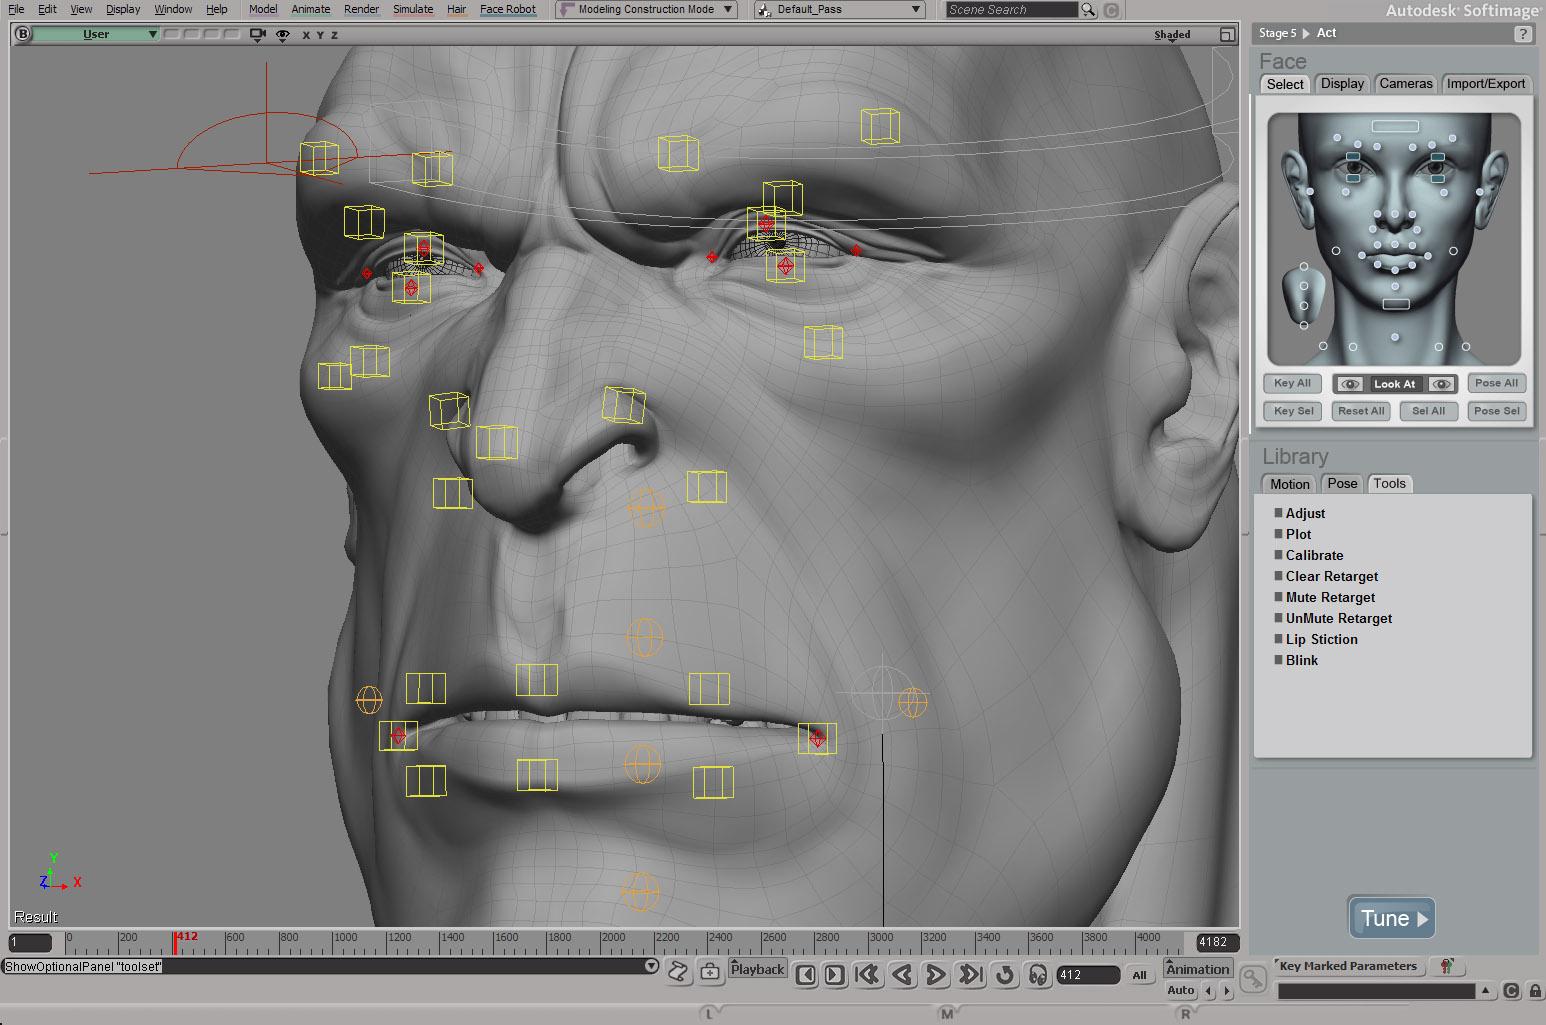 Autodesk Softimage